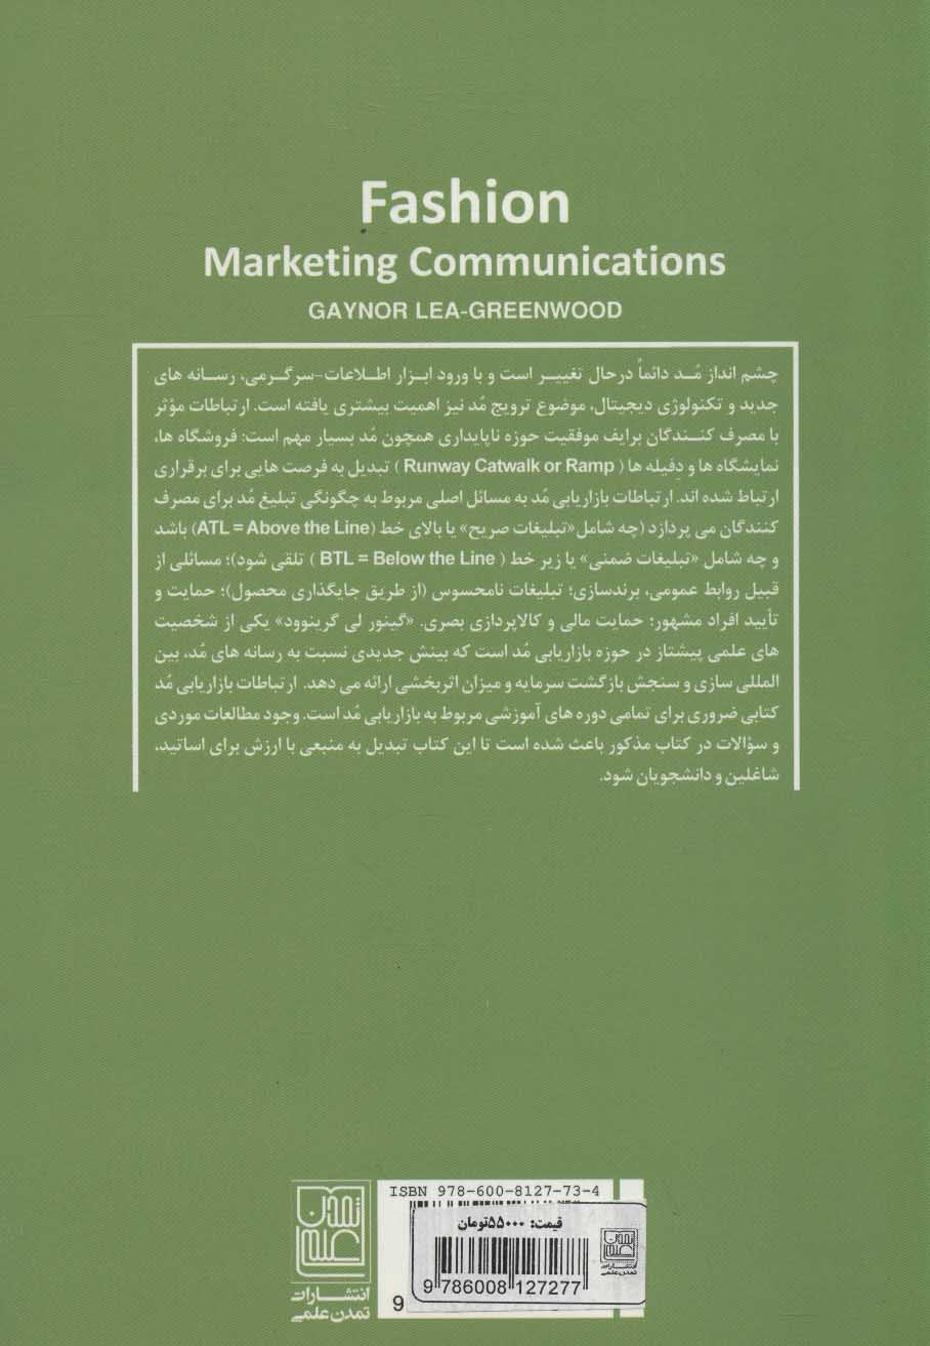 ارتباطات بازاریابی مد